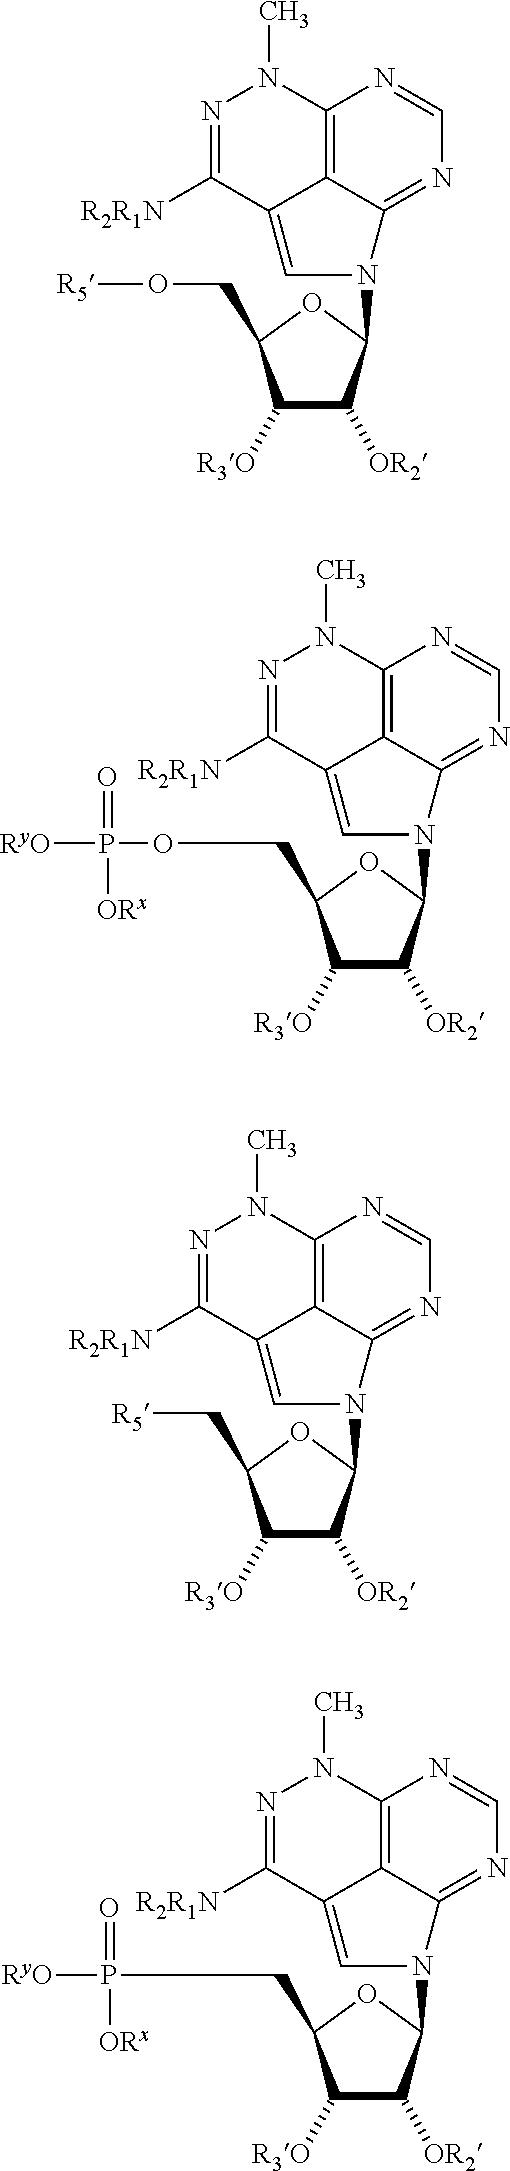 Figure US09186403-20151117-C00003